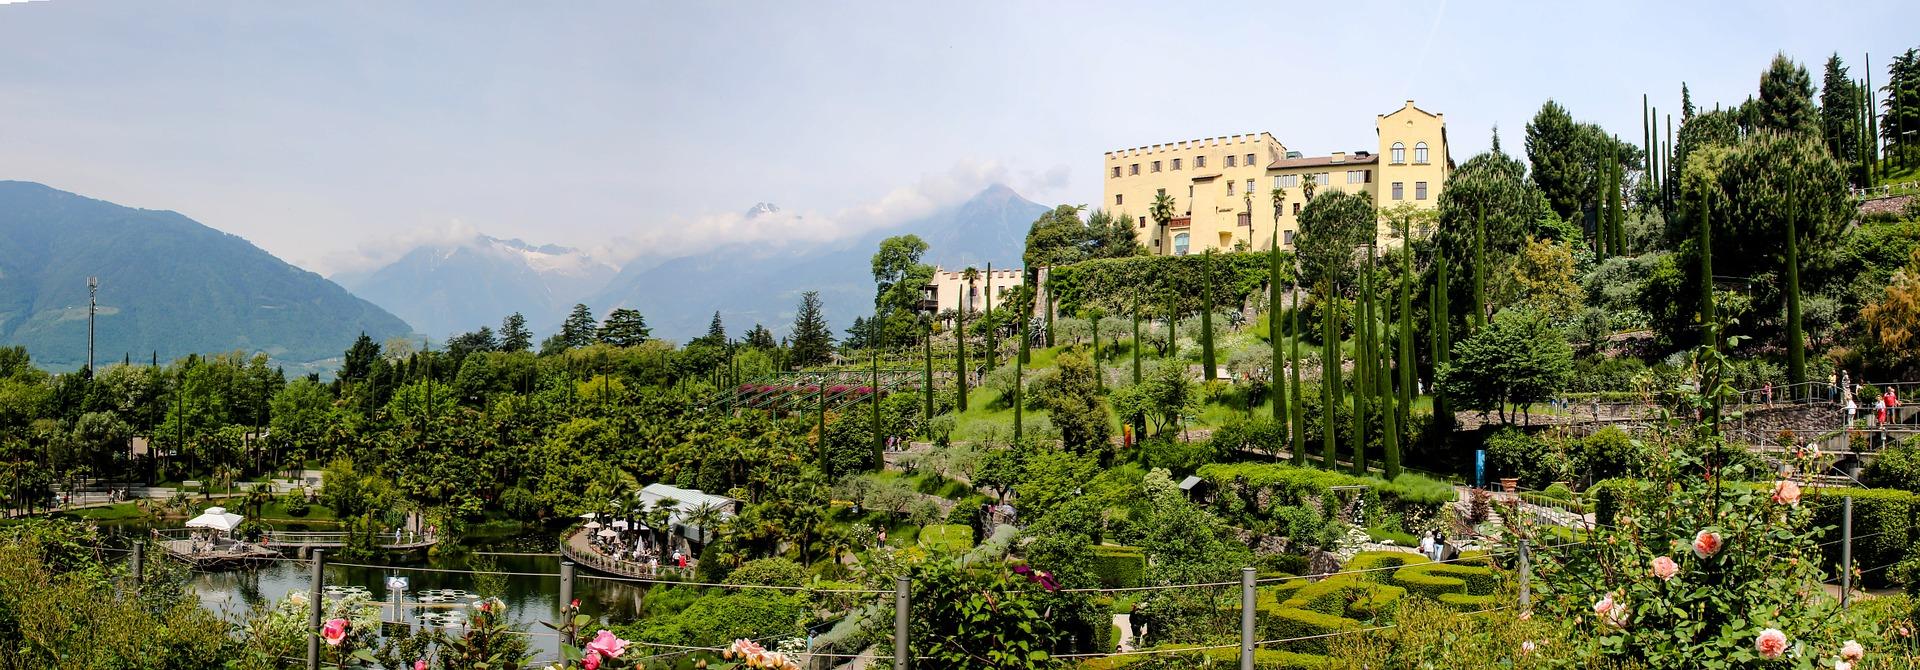 Sicily scenery